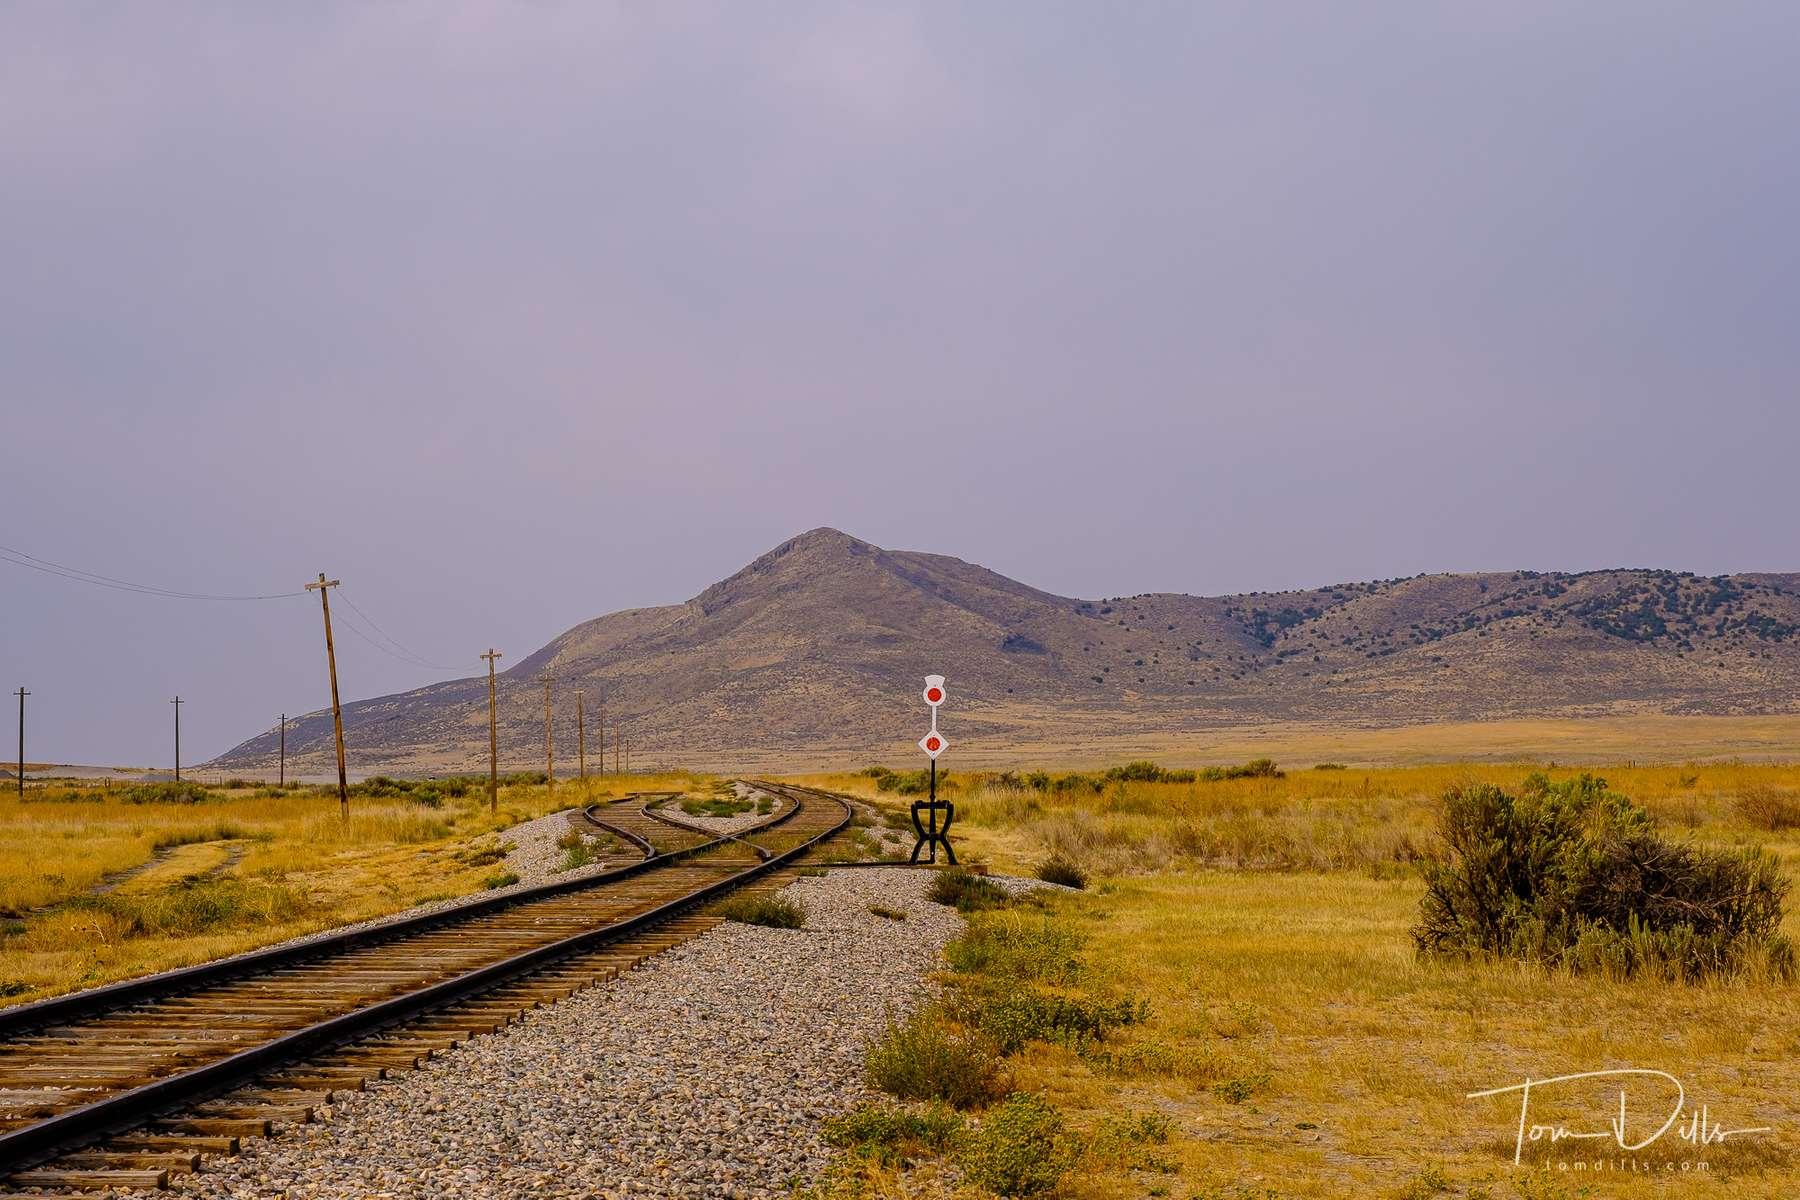 Golden Spike National Historical Park near Corinne, Utah